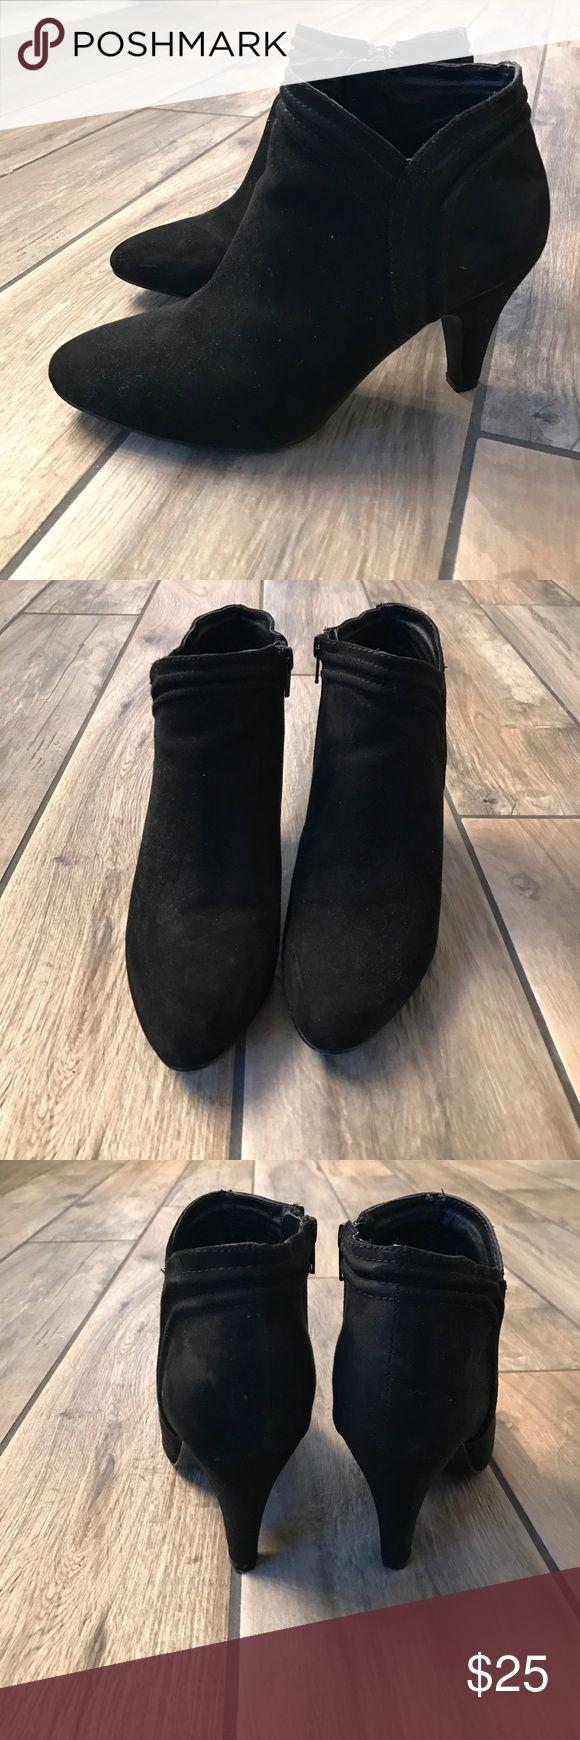 Naf Naf Black Booties. Size 38 (7.5). Naf Naf Black Booties. Size 38 (7.5). Only worn twice, wonderful shape! Naf Naf Shoes Ankle Boots & Booties